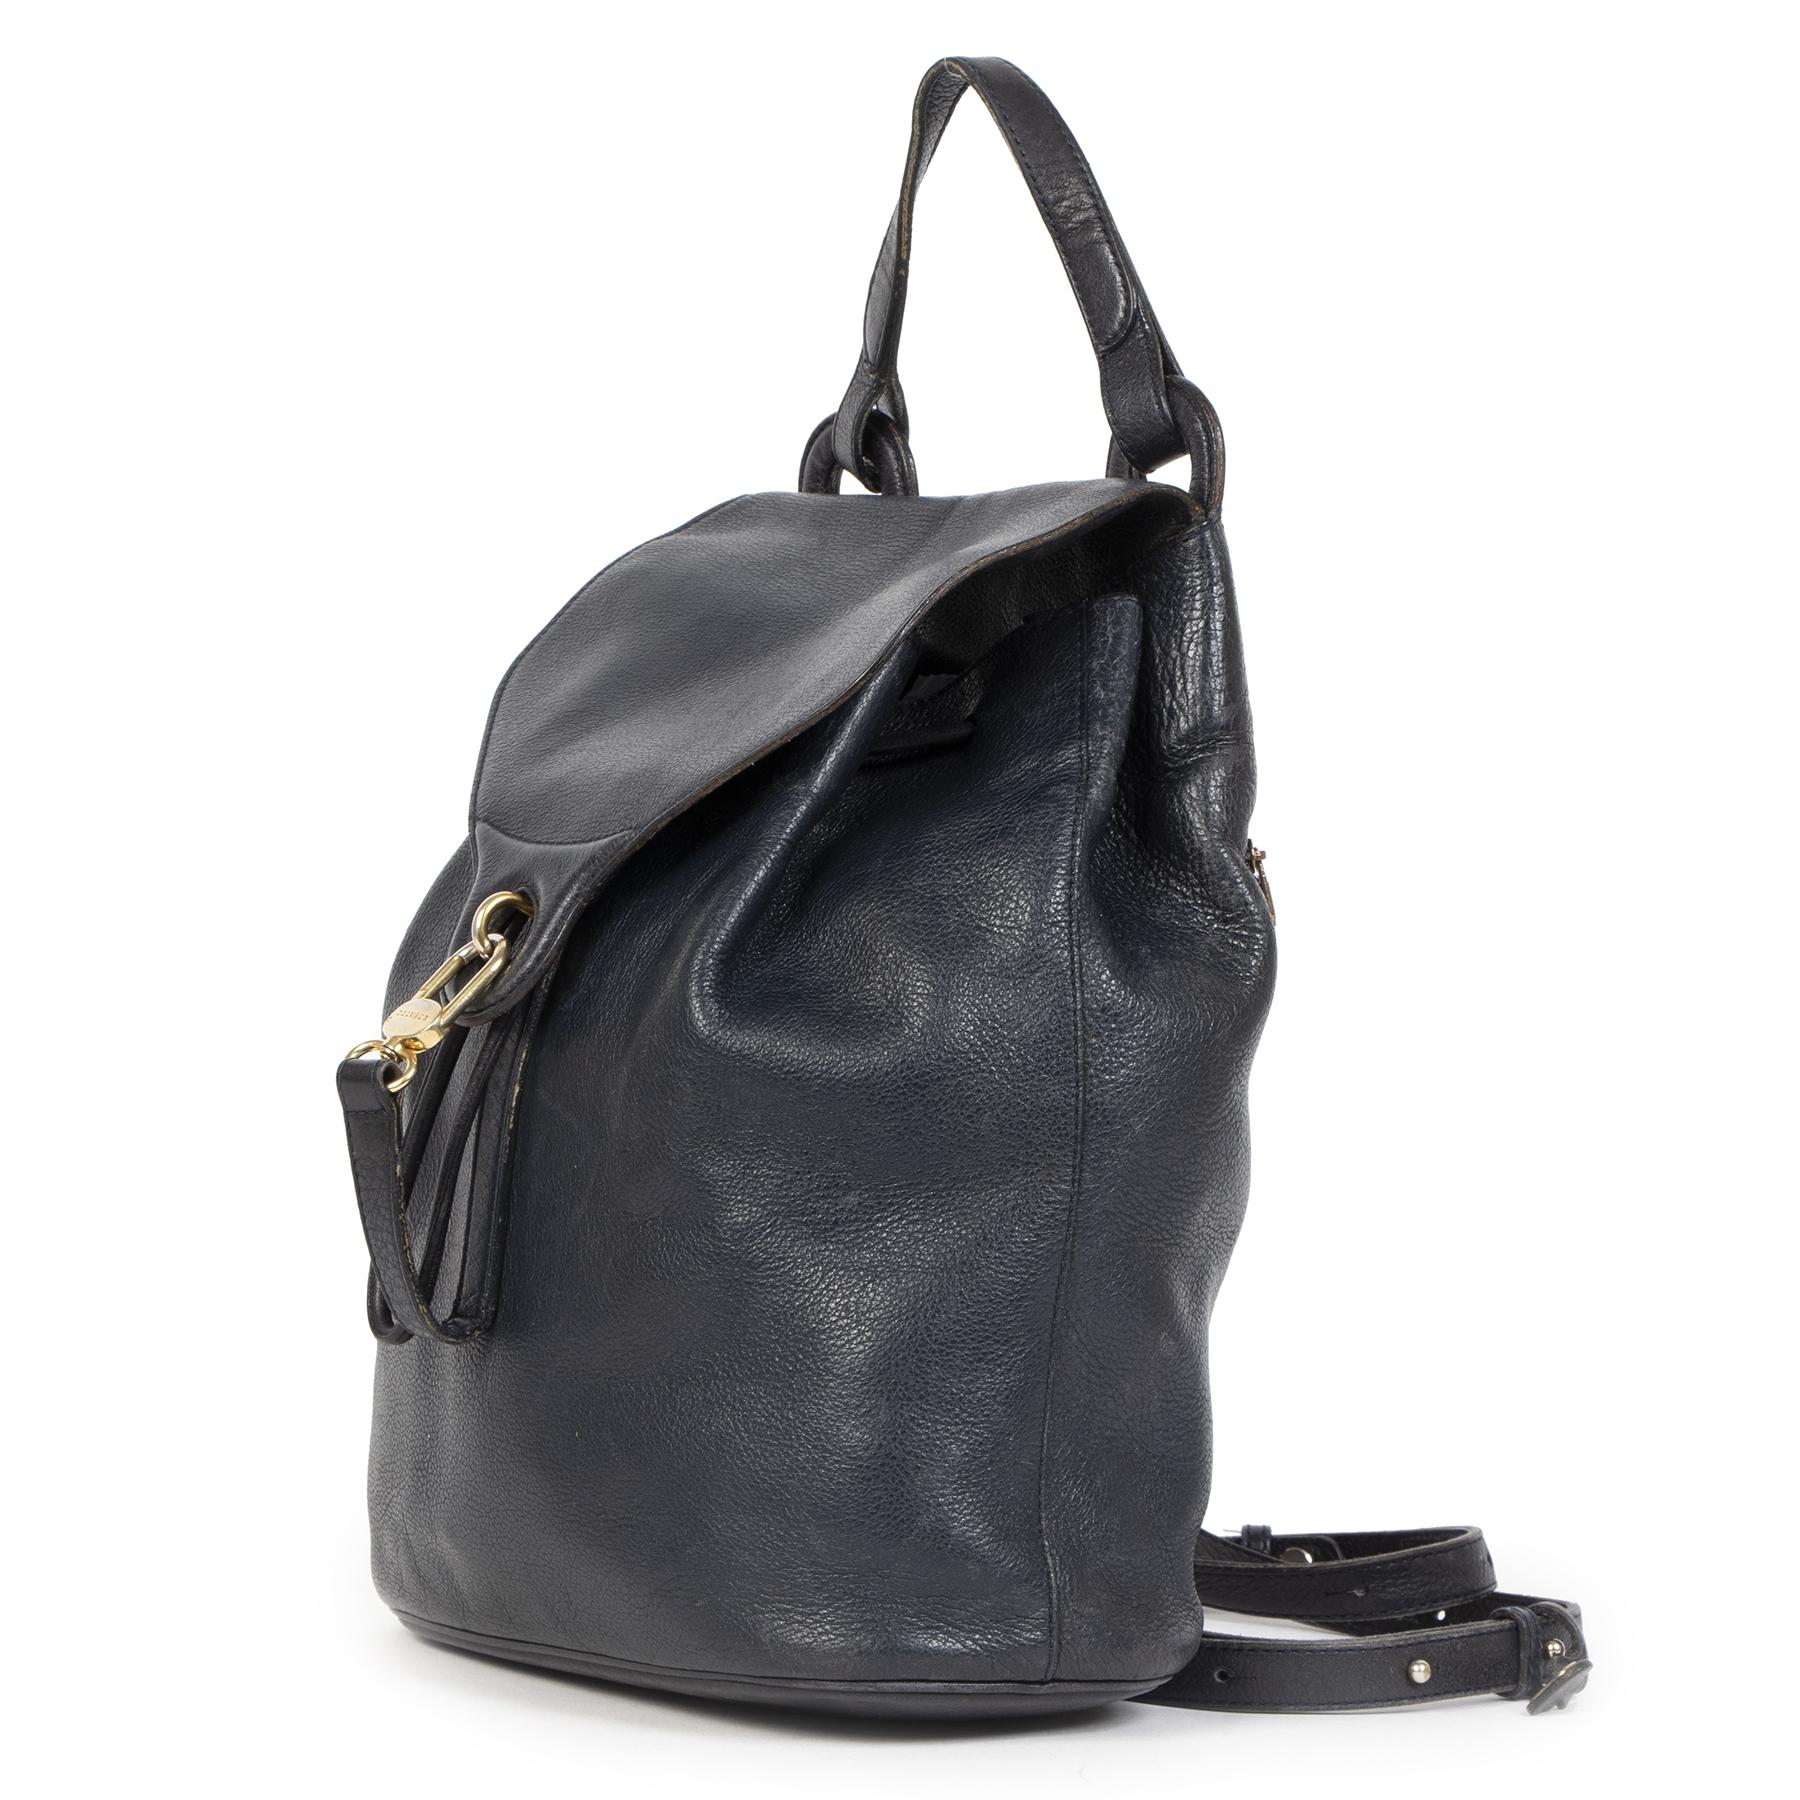 Authentieke Tweedehands Delvaux Navy Leather Backpack  juiste prijs veilig online shoppen luxe merken webshop winkelen Antwerpen België mode fashion